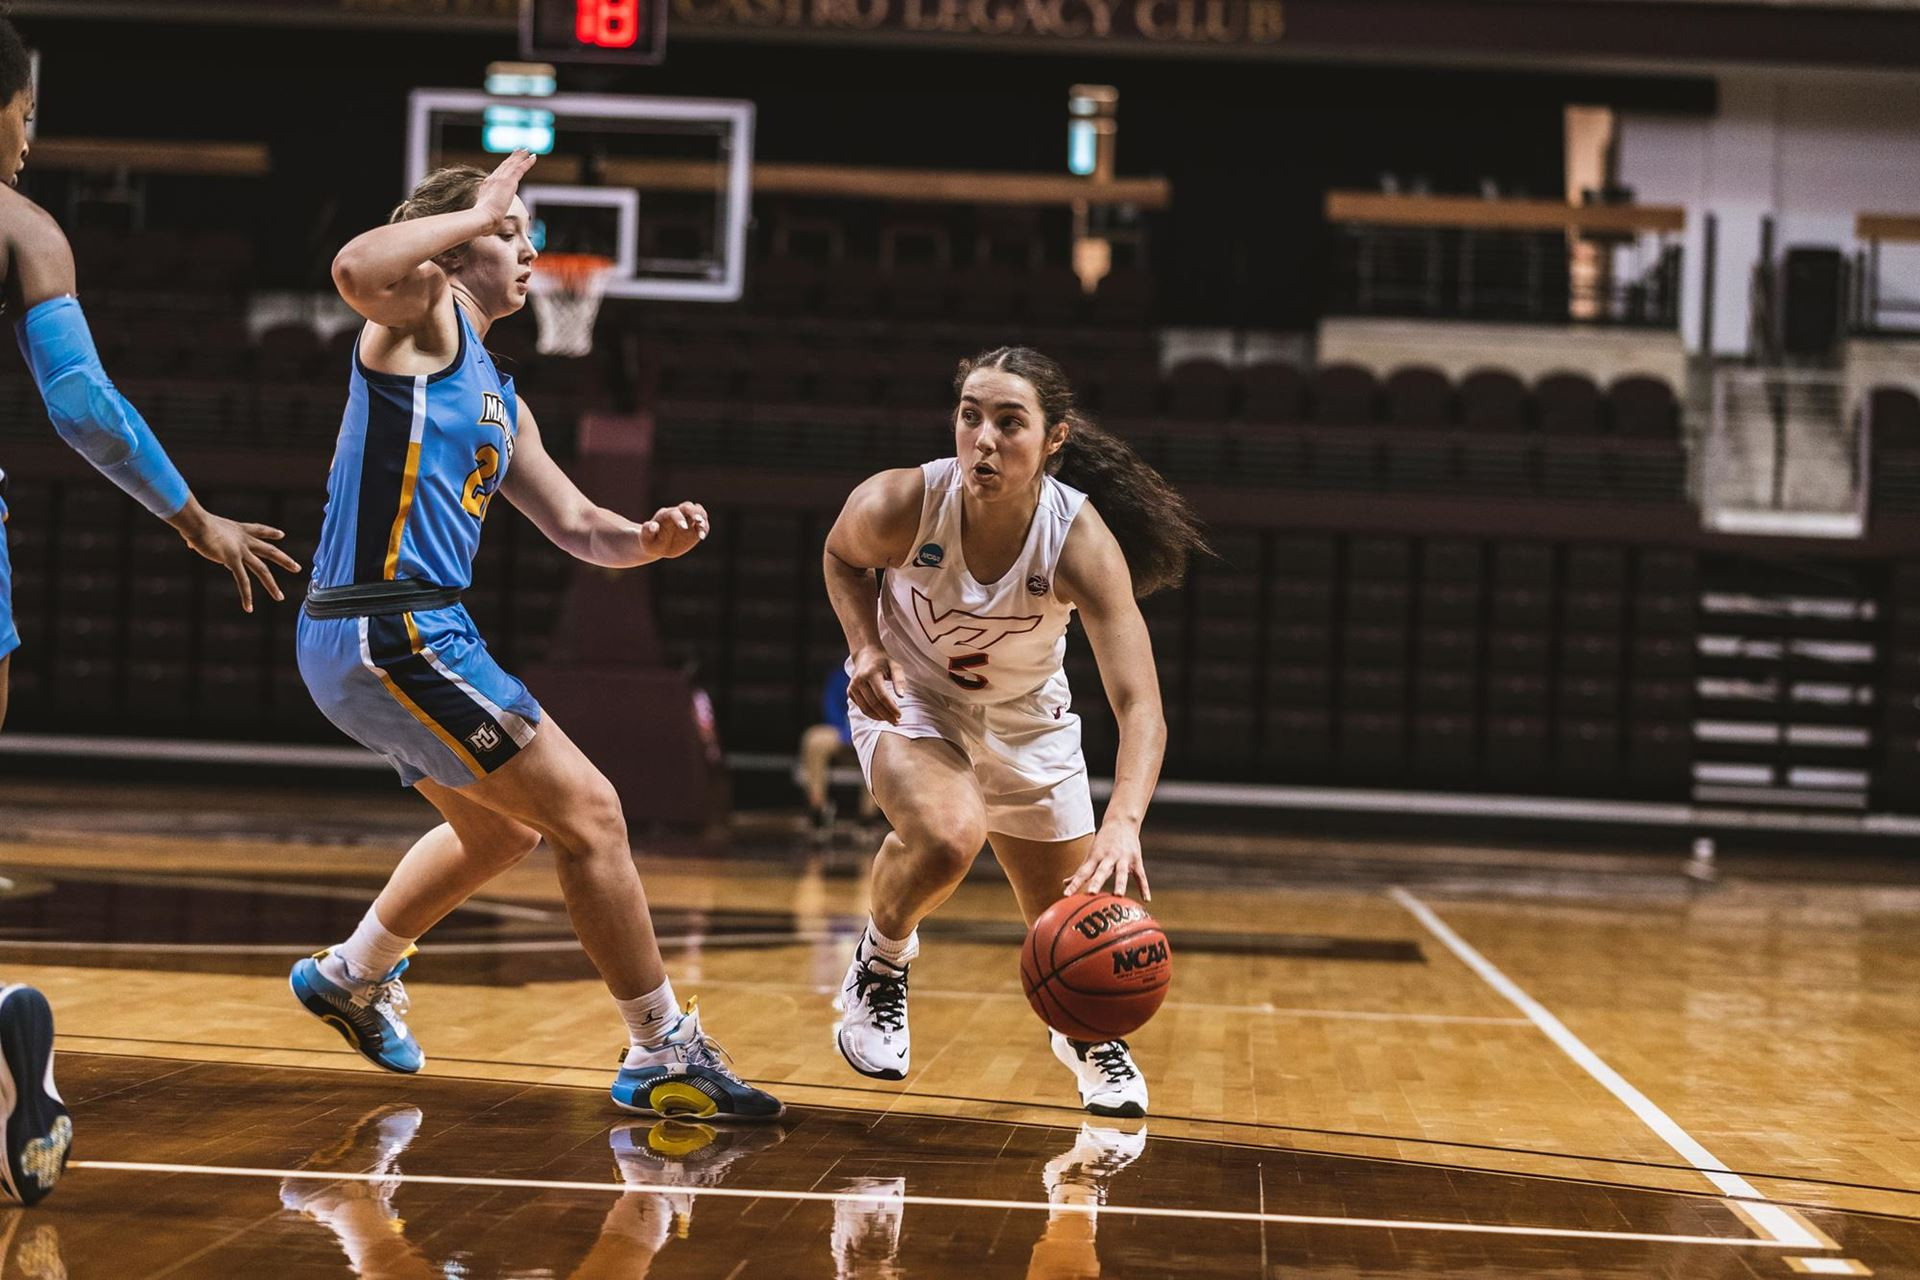 Georgia Amoore Virginia Tech women's basketball